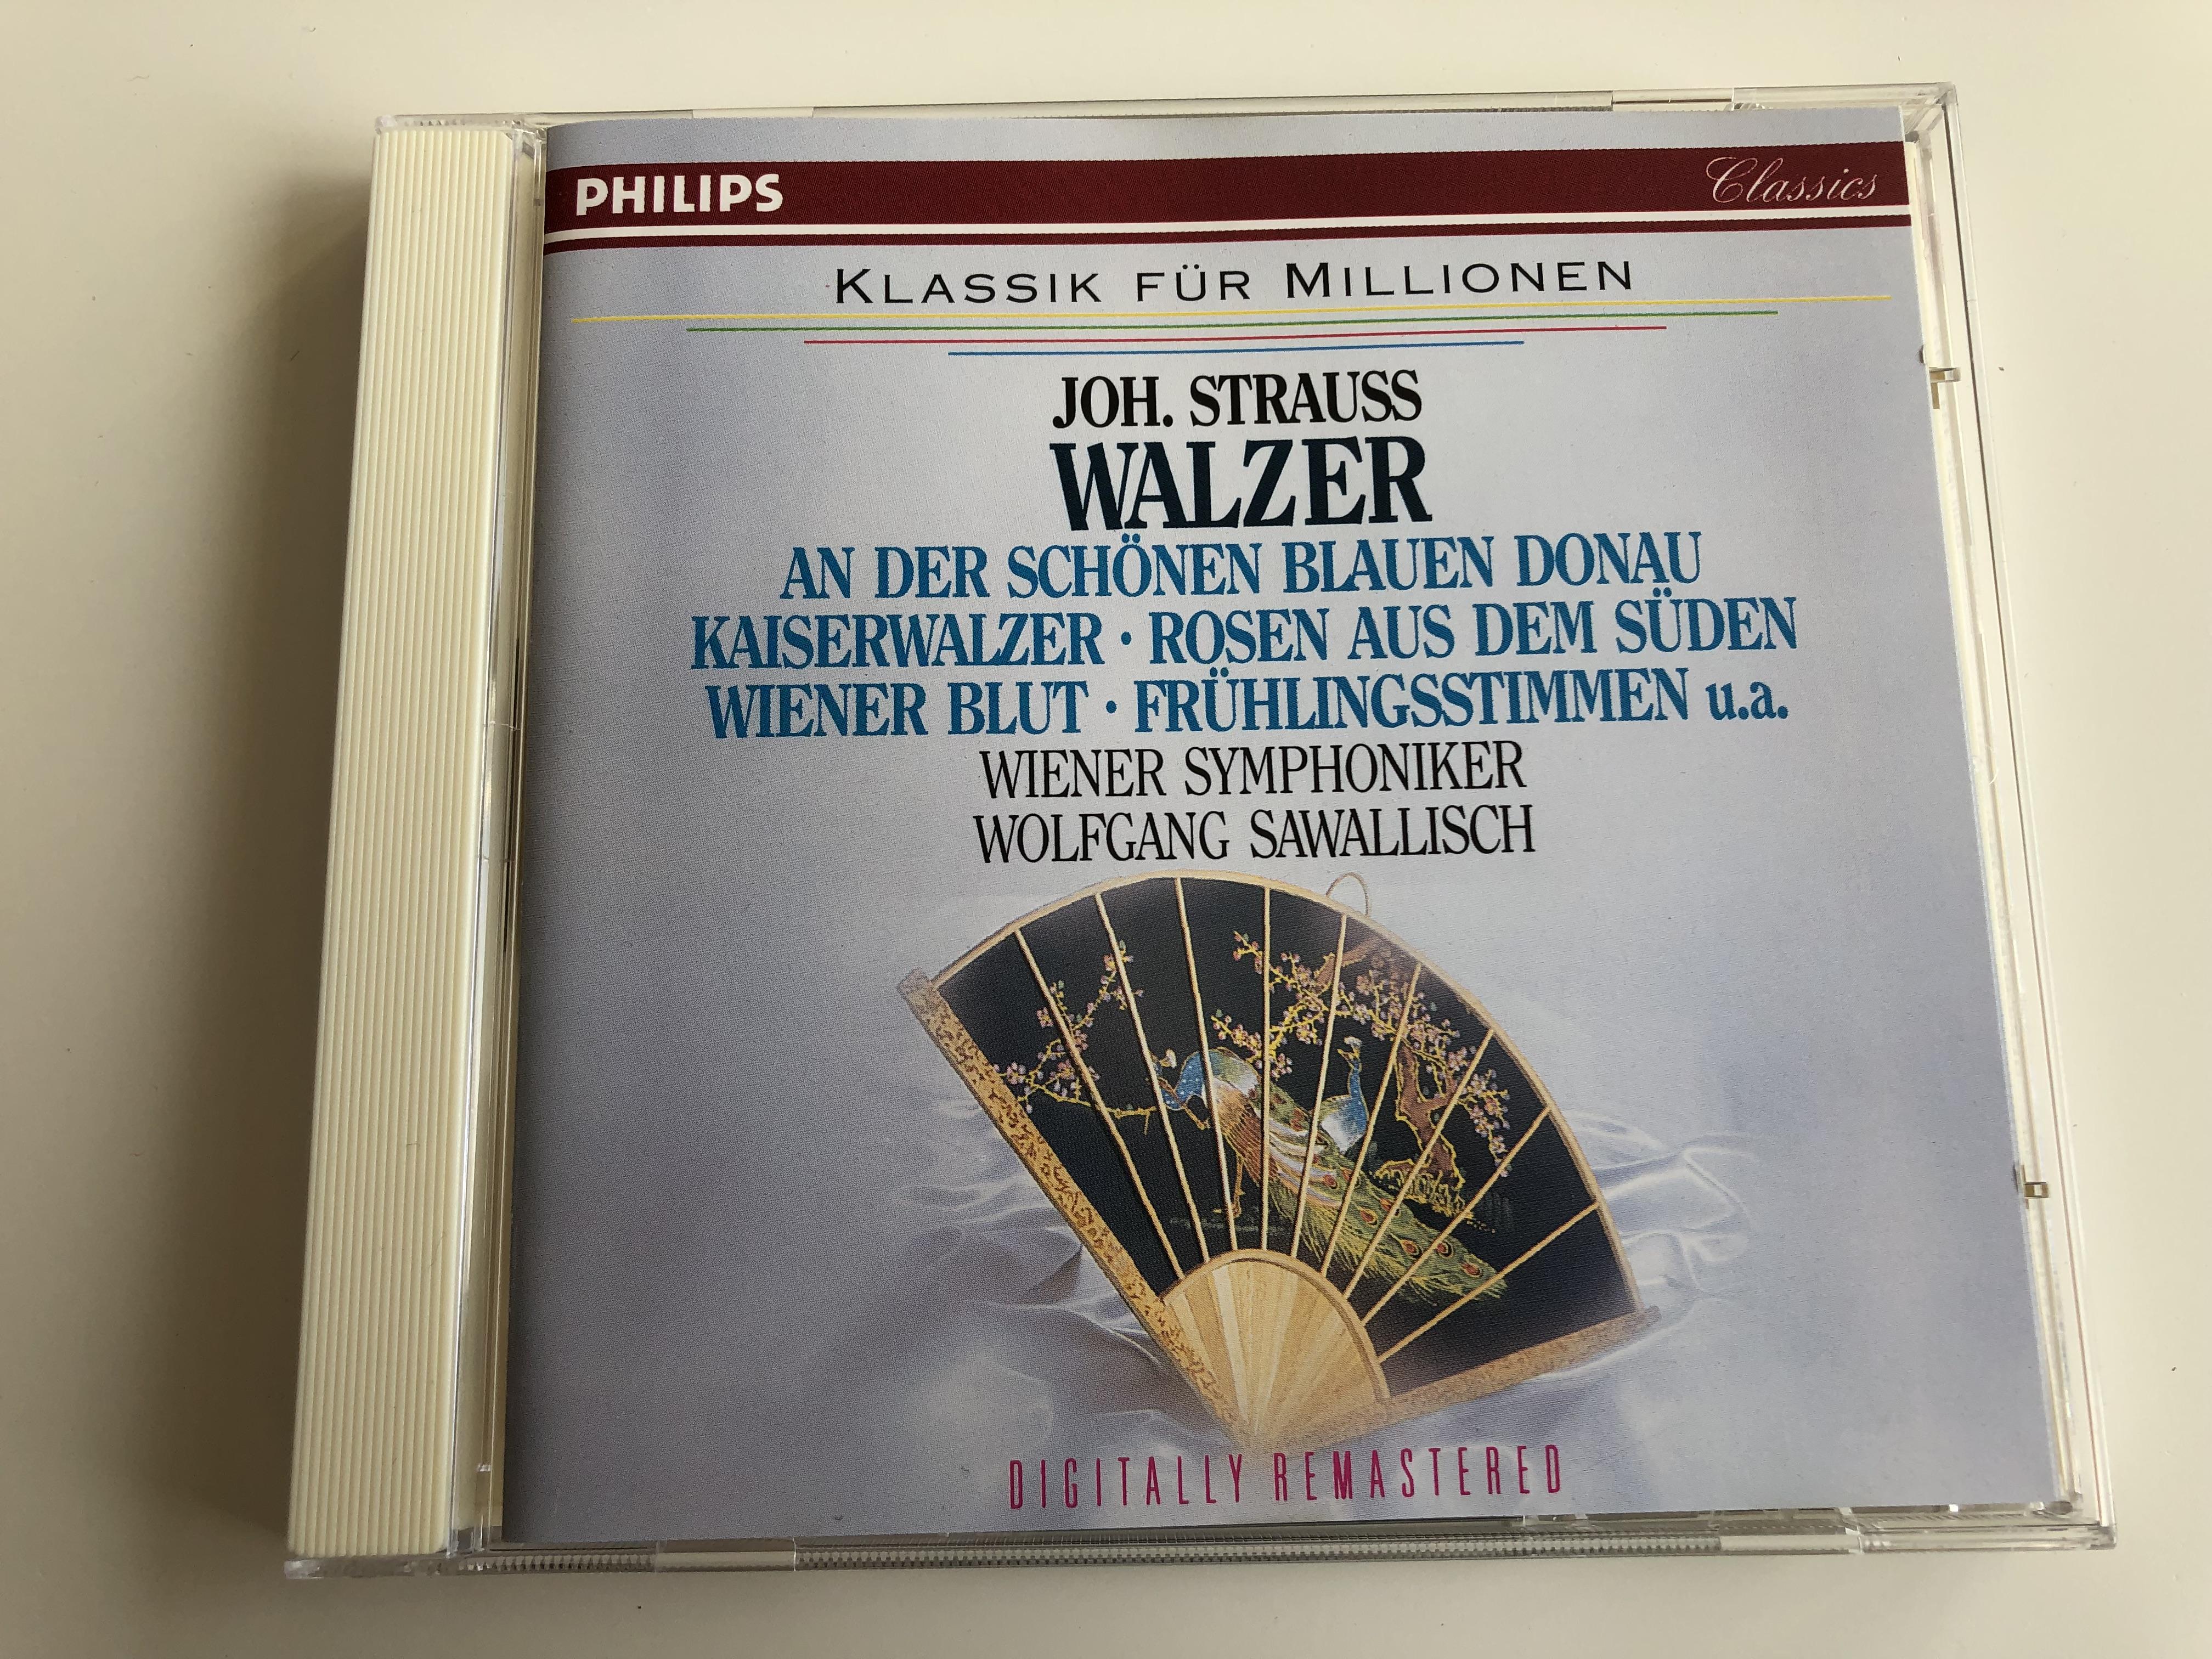 joh.-strauss-walzer-an-der-sch-nen-blauen-donau-kaiserwalzer-rosen-aus-dem-s-den-wiener-blut-fr-hlingsstimmen-u.a.-wiener-symphoniker-wolfgang-sawallisch-philips-classics-audio-cd-stereo-1-.jpg